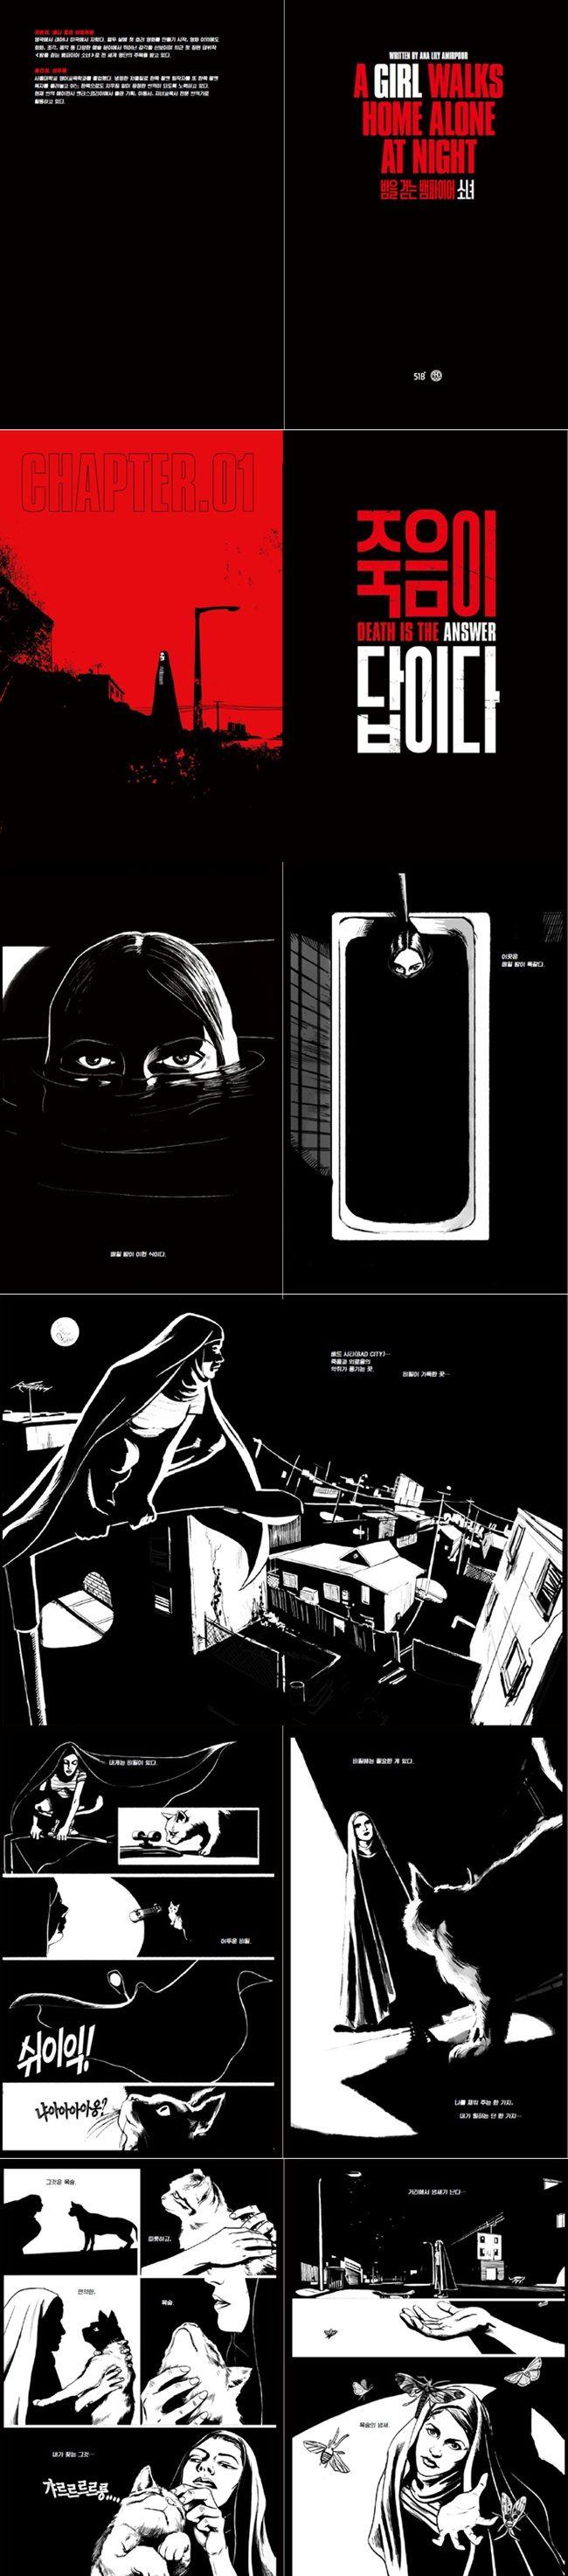 [도서] 밤을 걷는 뱀파이어 소녀, 애나 릴리 아미푸르 글,그림, 9791186690000   YES24 상품정보